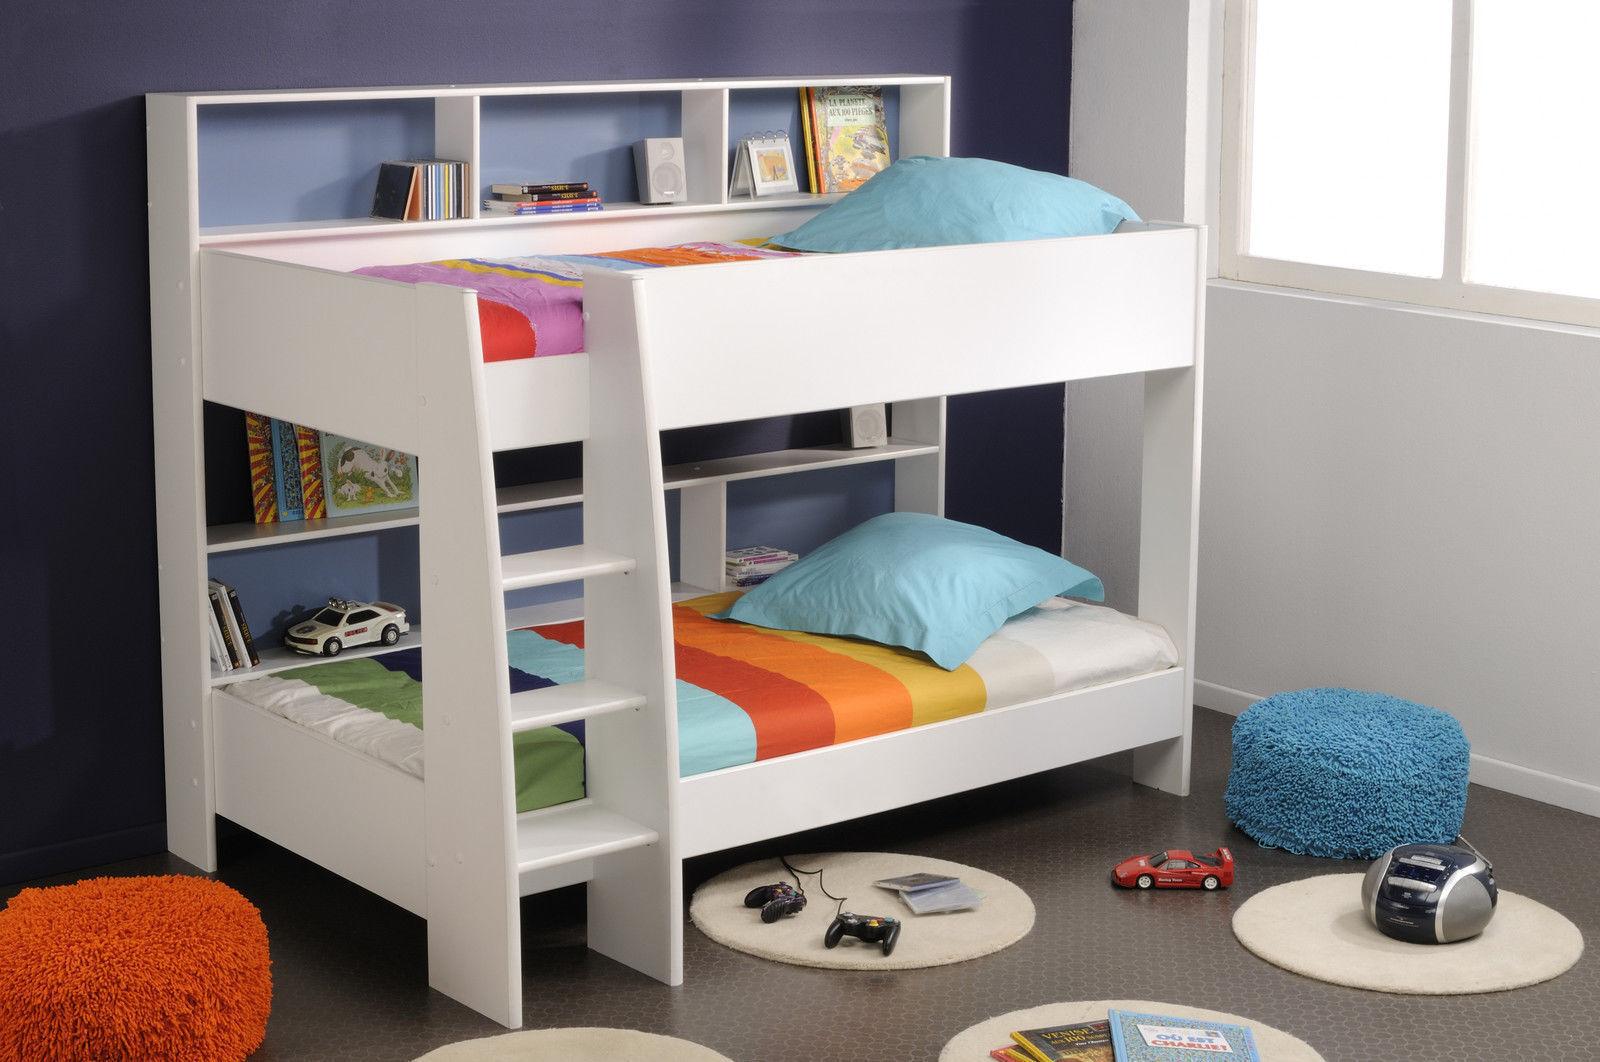 Etagenbett Tam Tam Gebraucht : Parisot etagenbett tam für zwei kinder weiß lis ebay